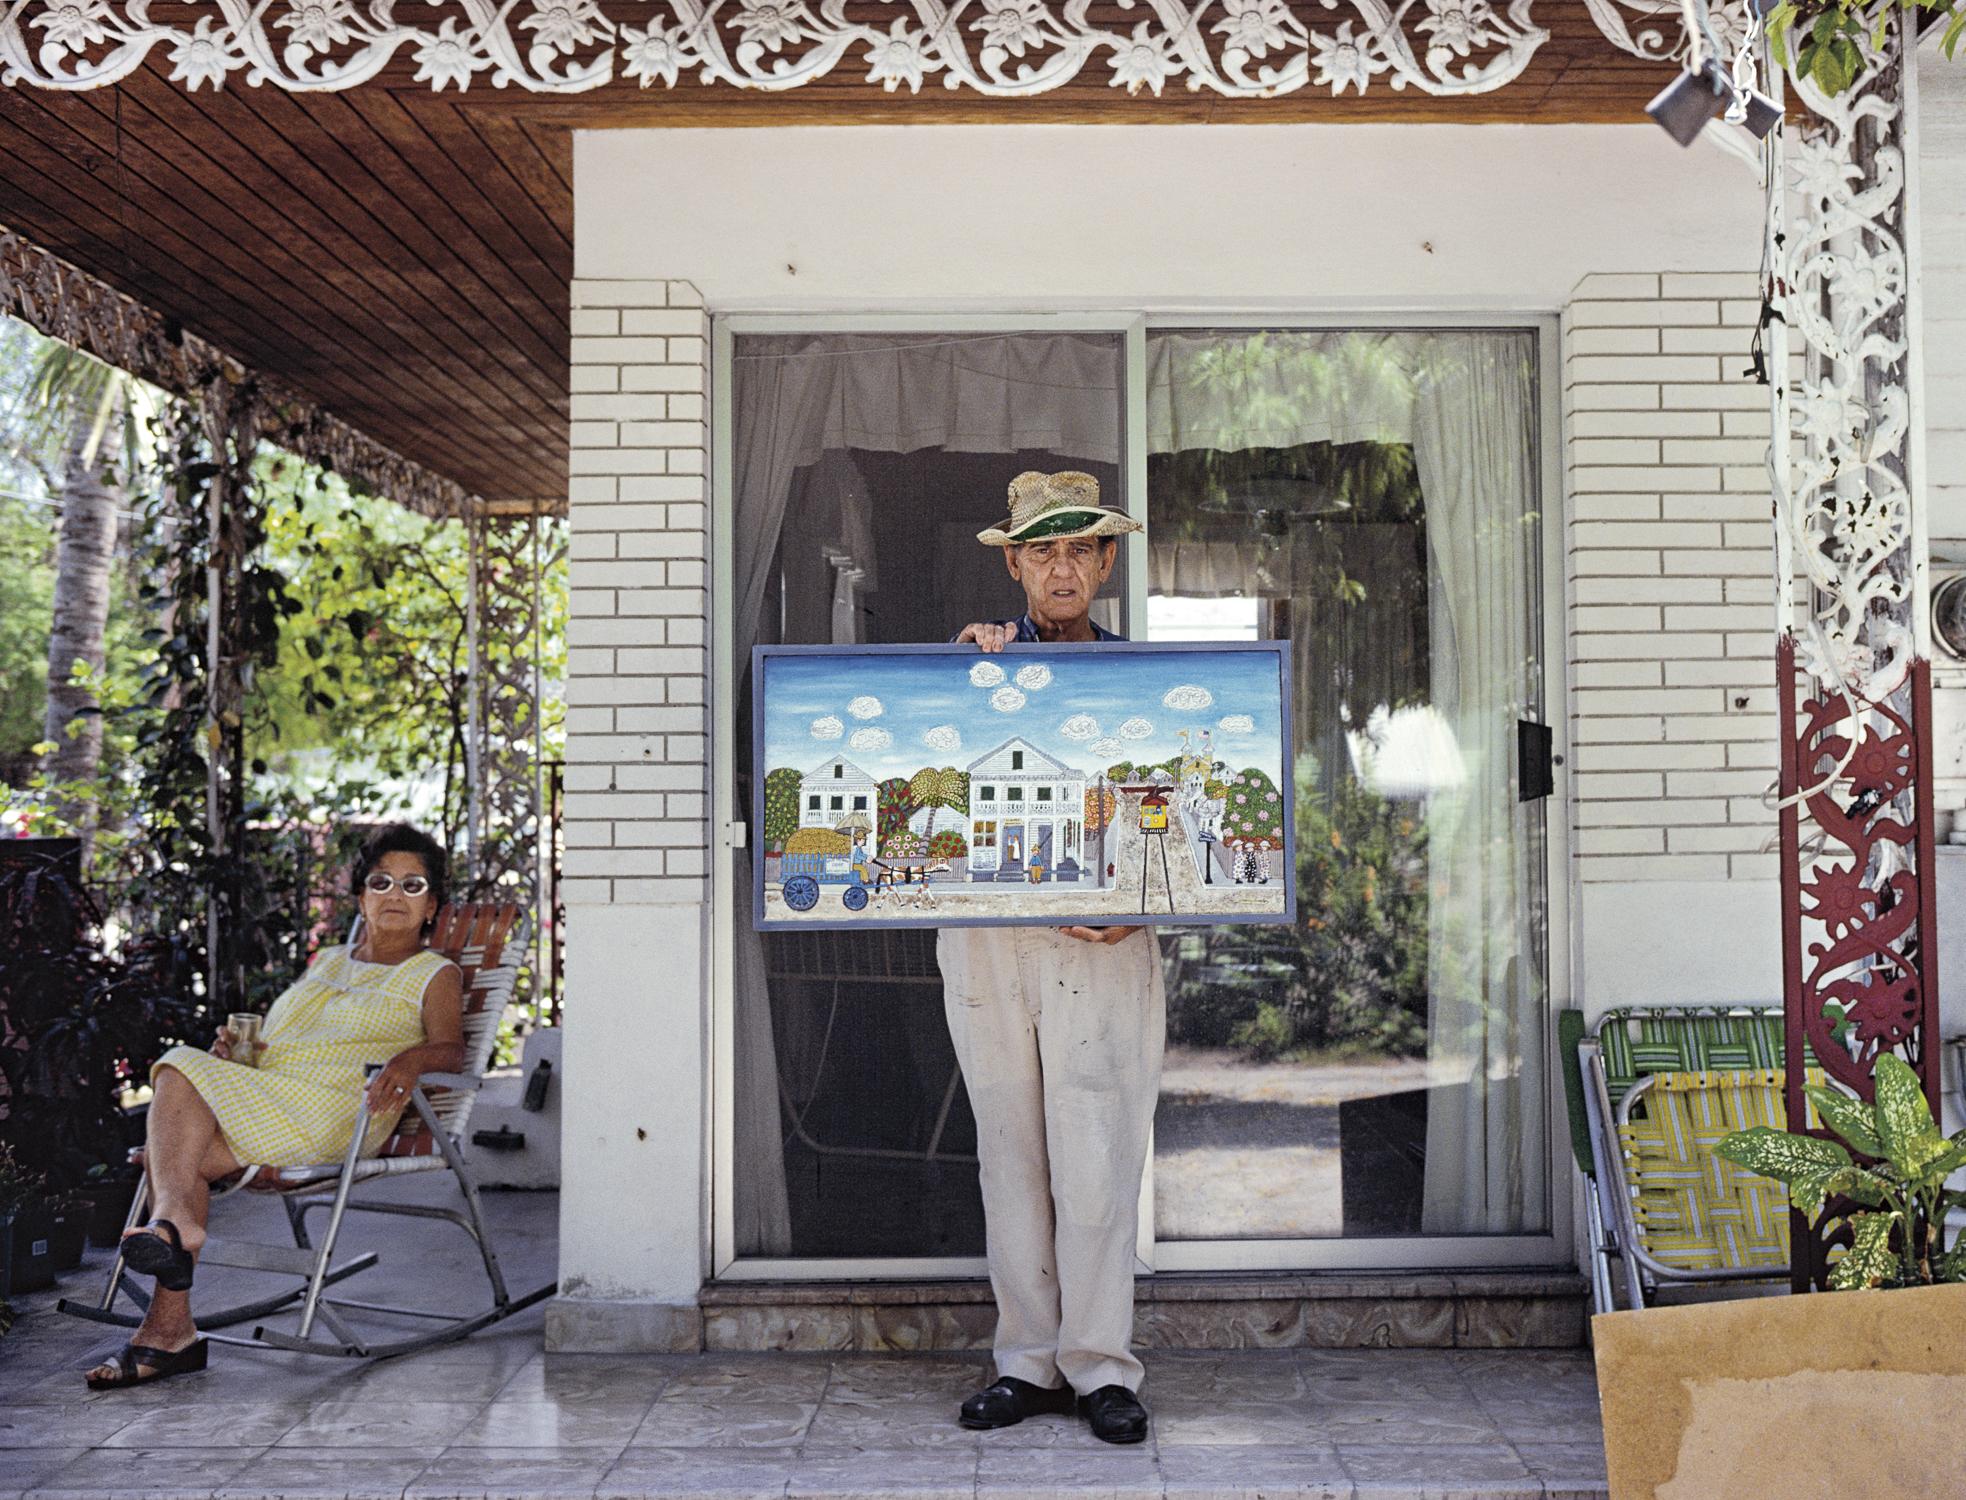 Memory artist Mario Sanchez | Artista de memoria Mario Sánchez, Key West